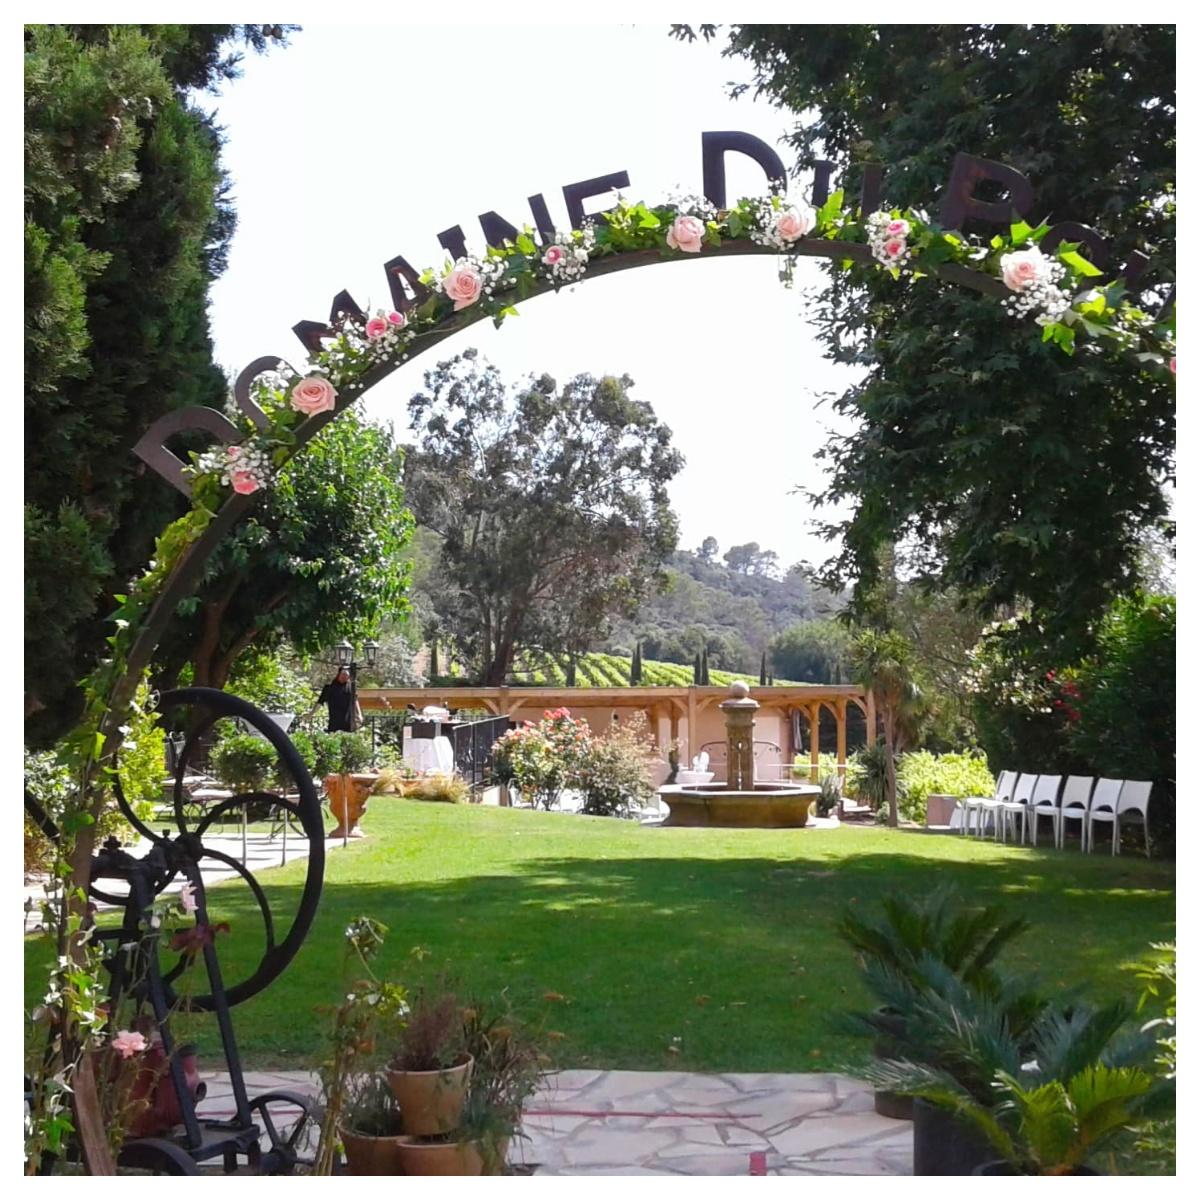 Déco jardin mariage - Azur Roses: Producteur de fleurs ...